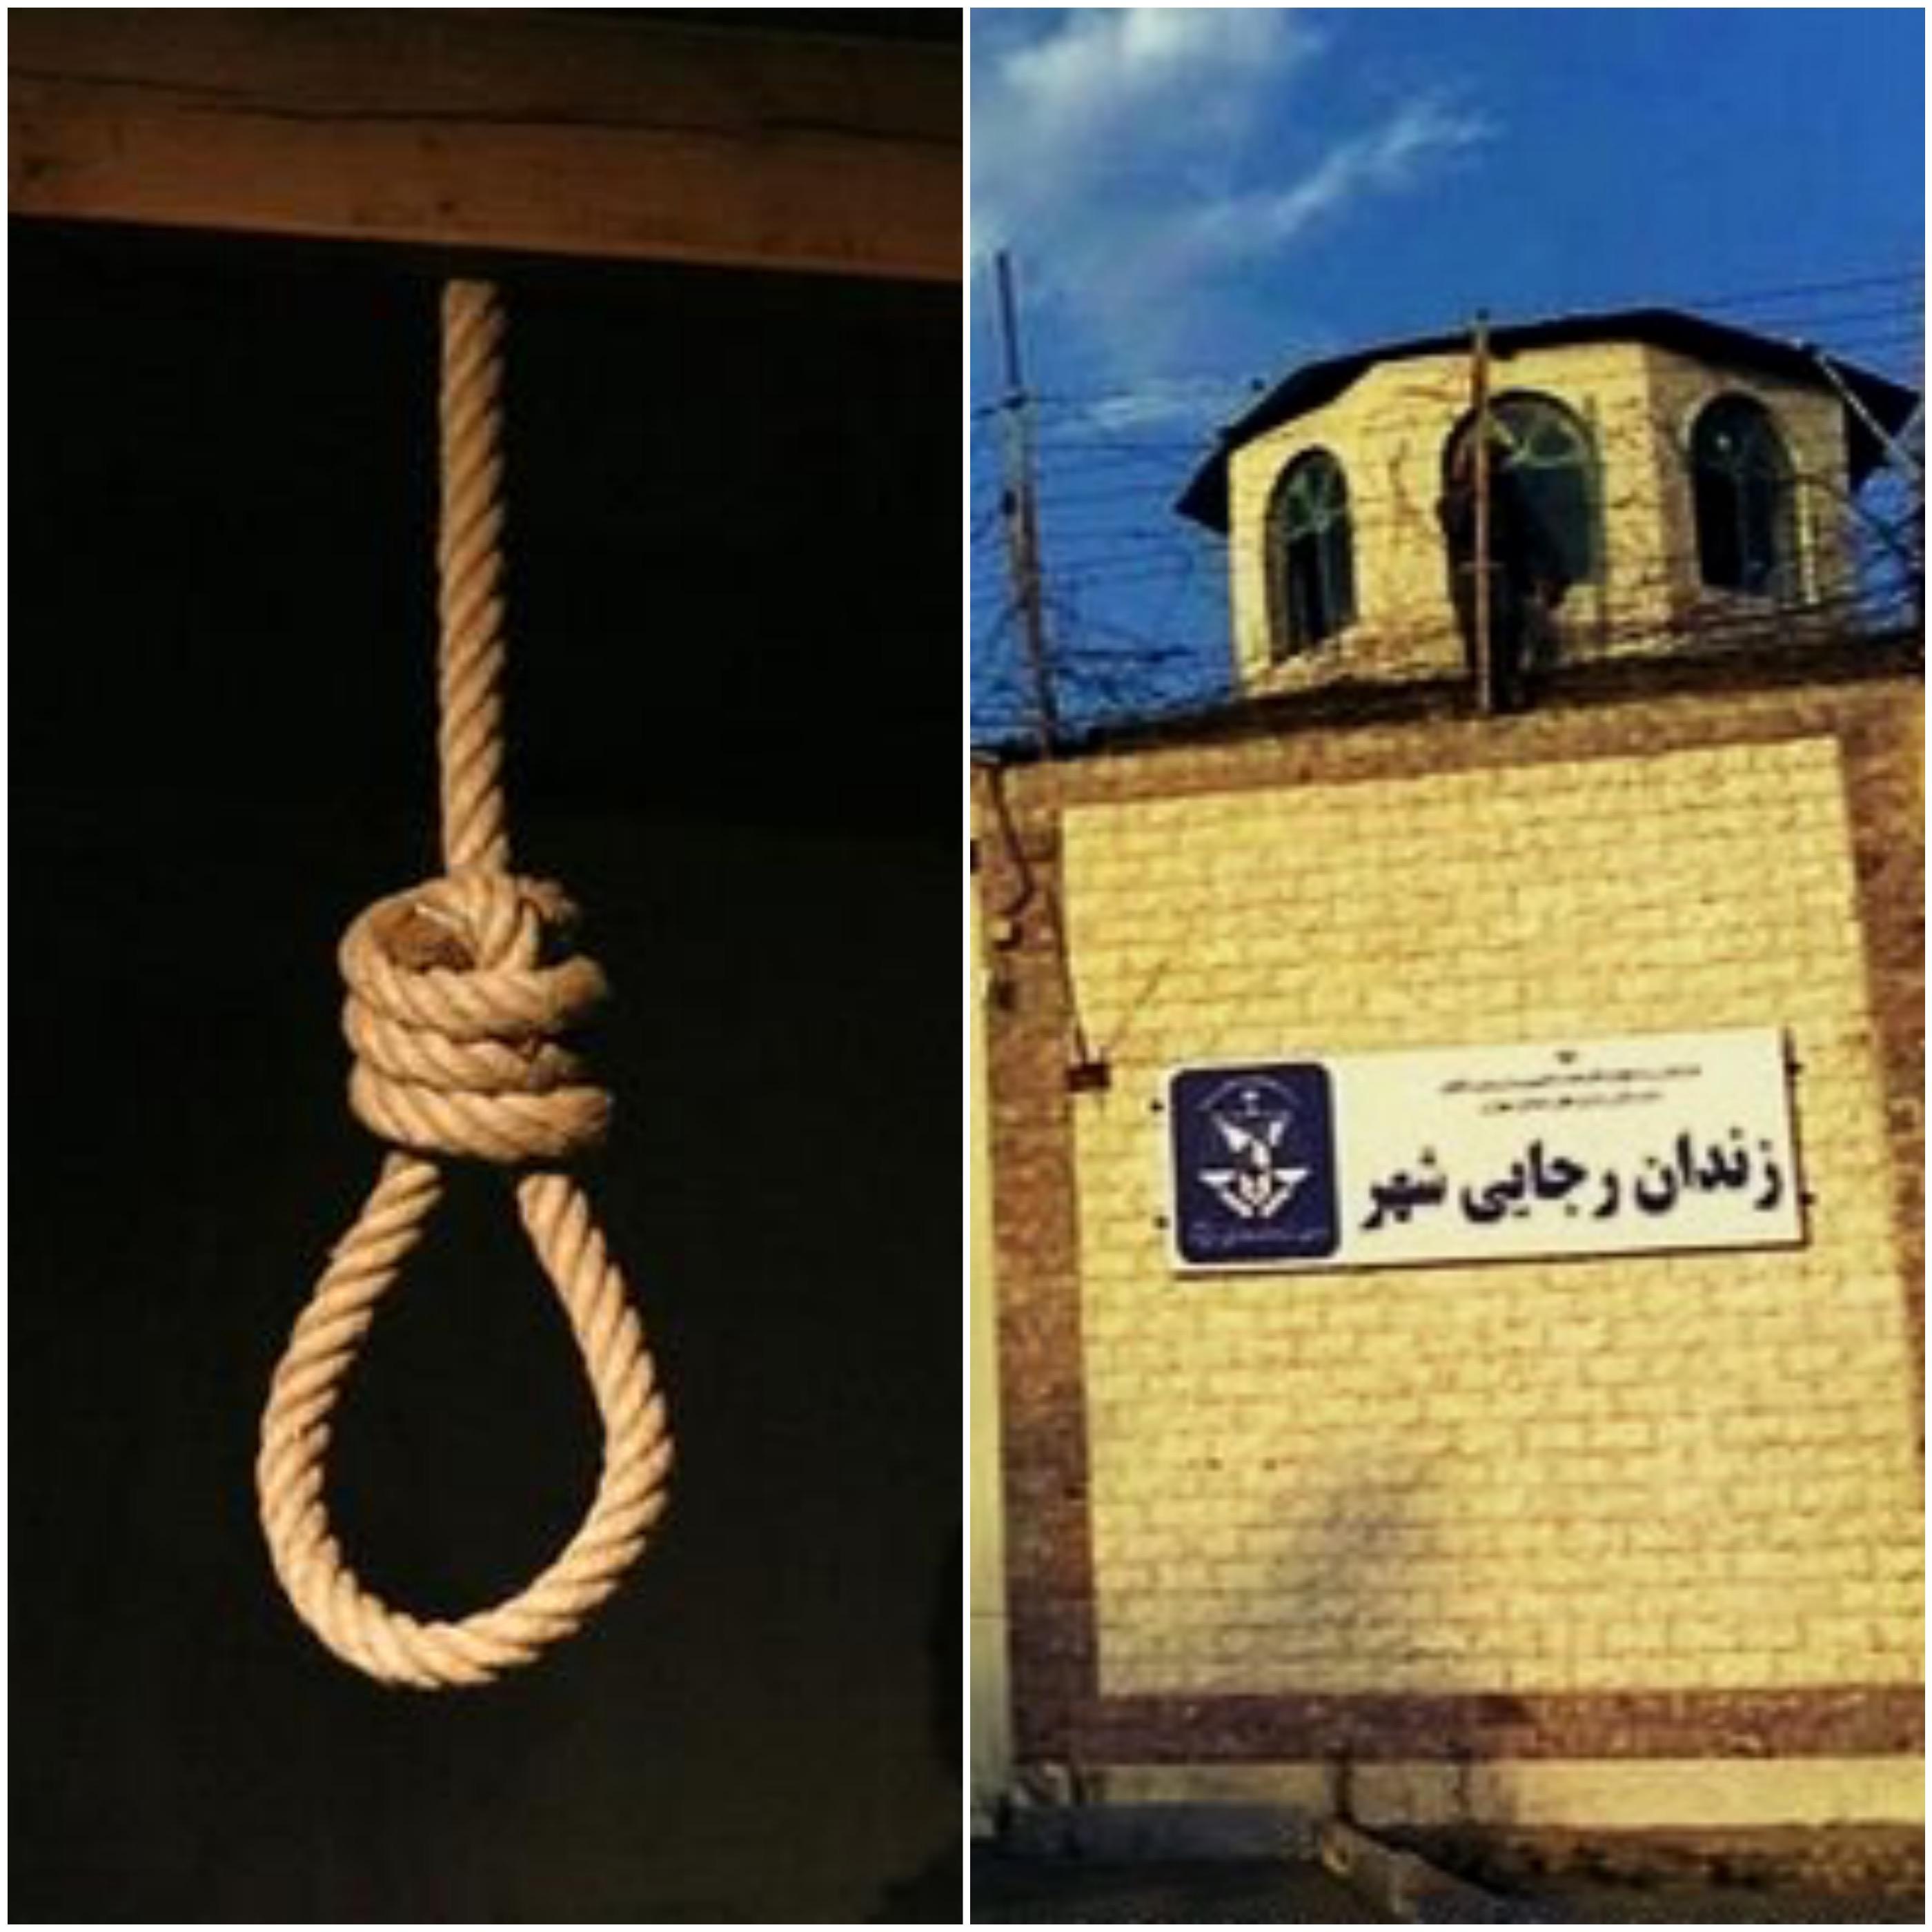 اجرای حکم اعدام دستکم ده زندانی در زندان رجایی شهر